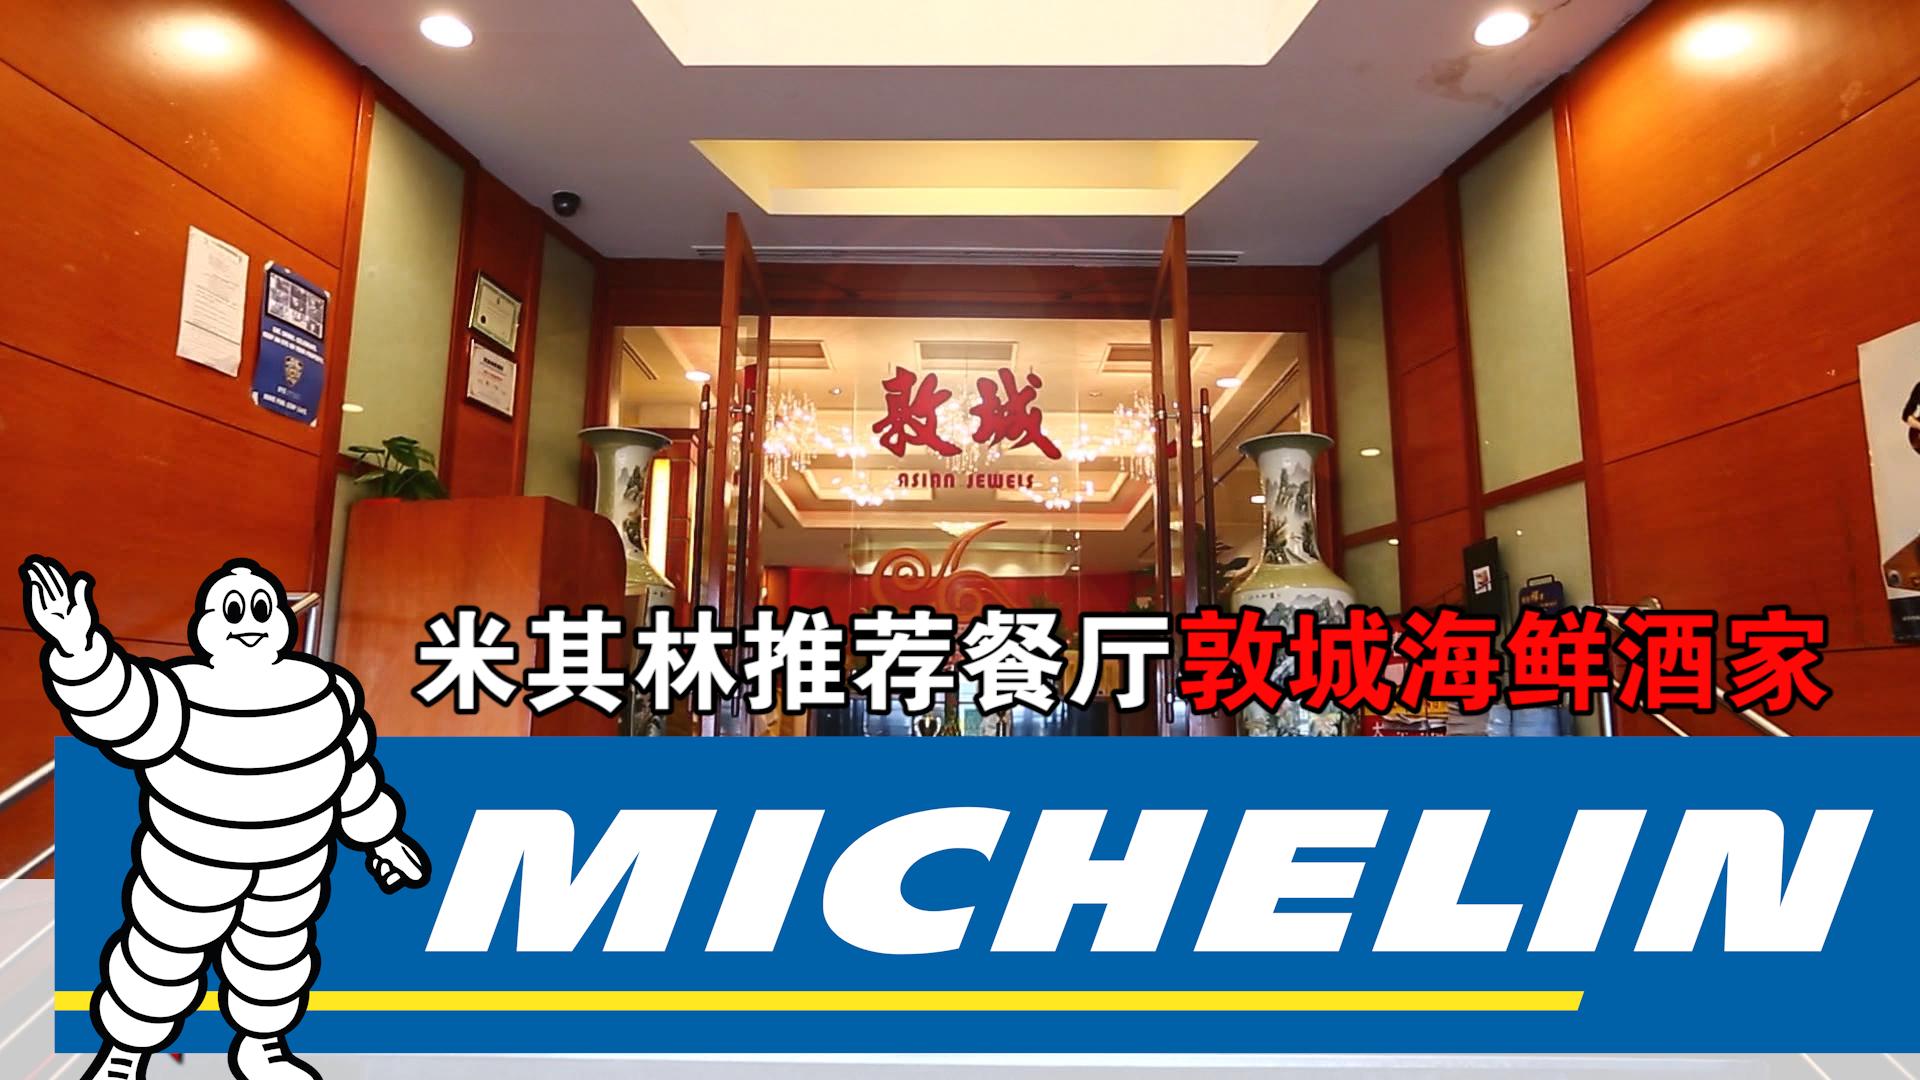 【视频】米其林推荐餐厅法拉盛敦城海鲜酒家